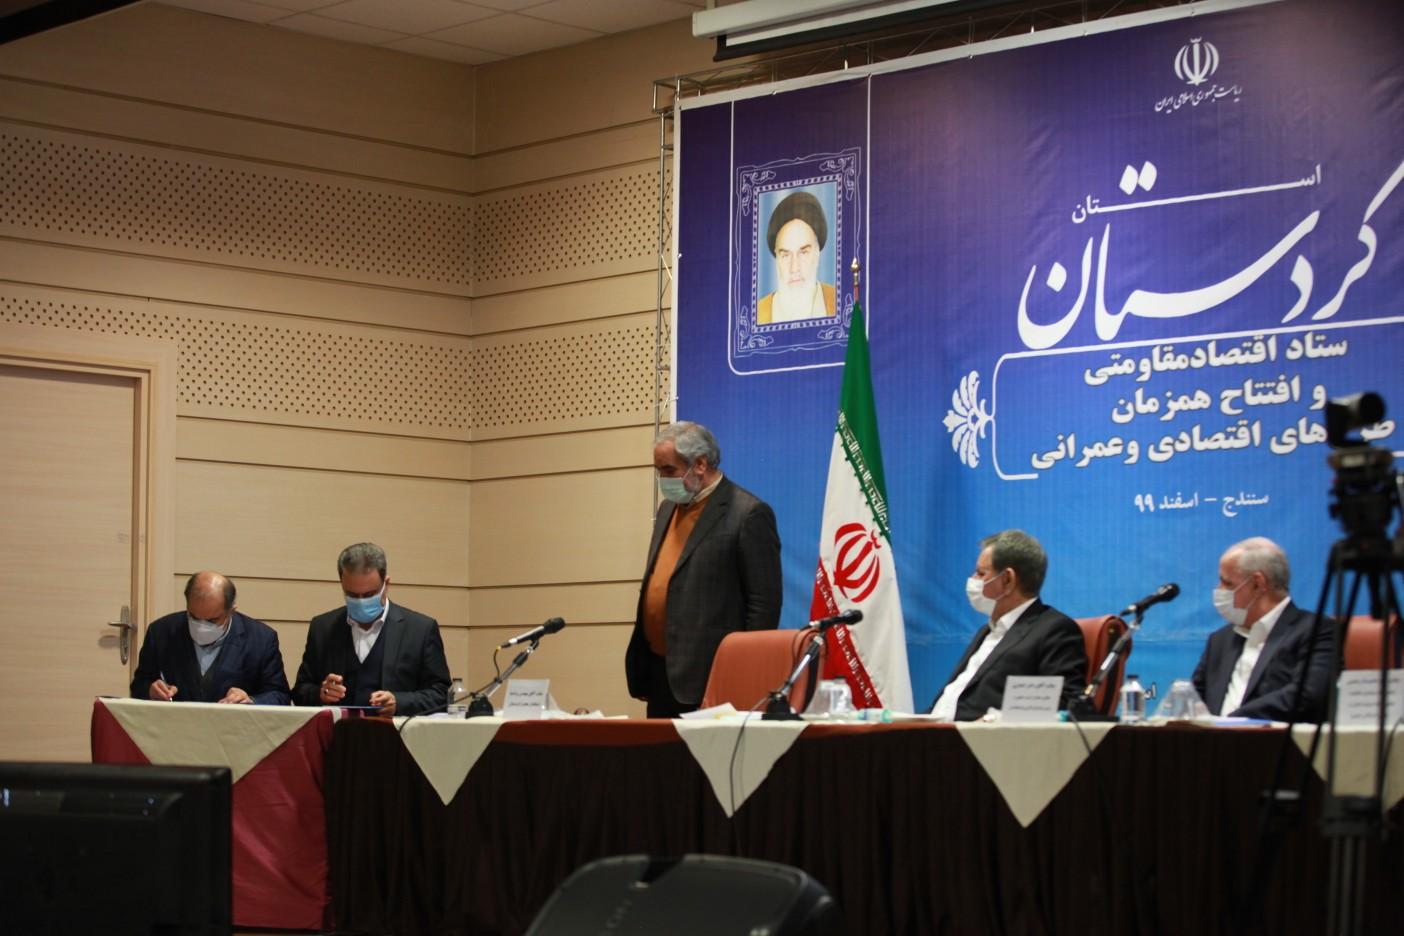 مشارکت بانک ملت در تامین مالی شرکت پتروشیمی بعثت کردستان